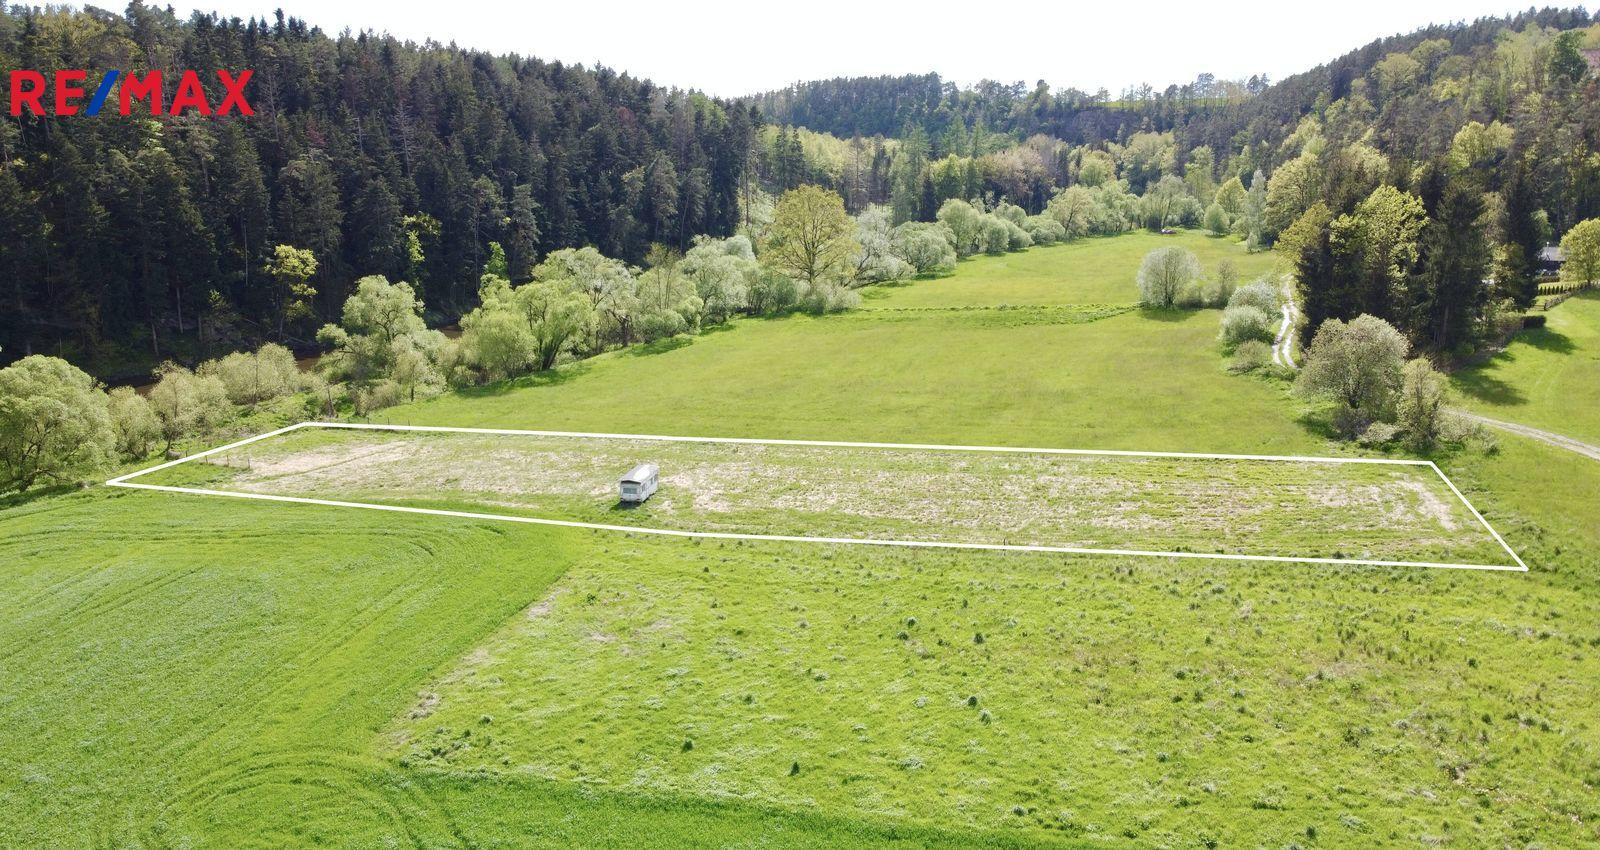 Prodej pozemku, 3146 m2, Dobronice u Bechyně